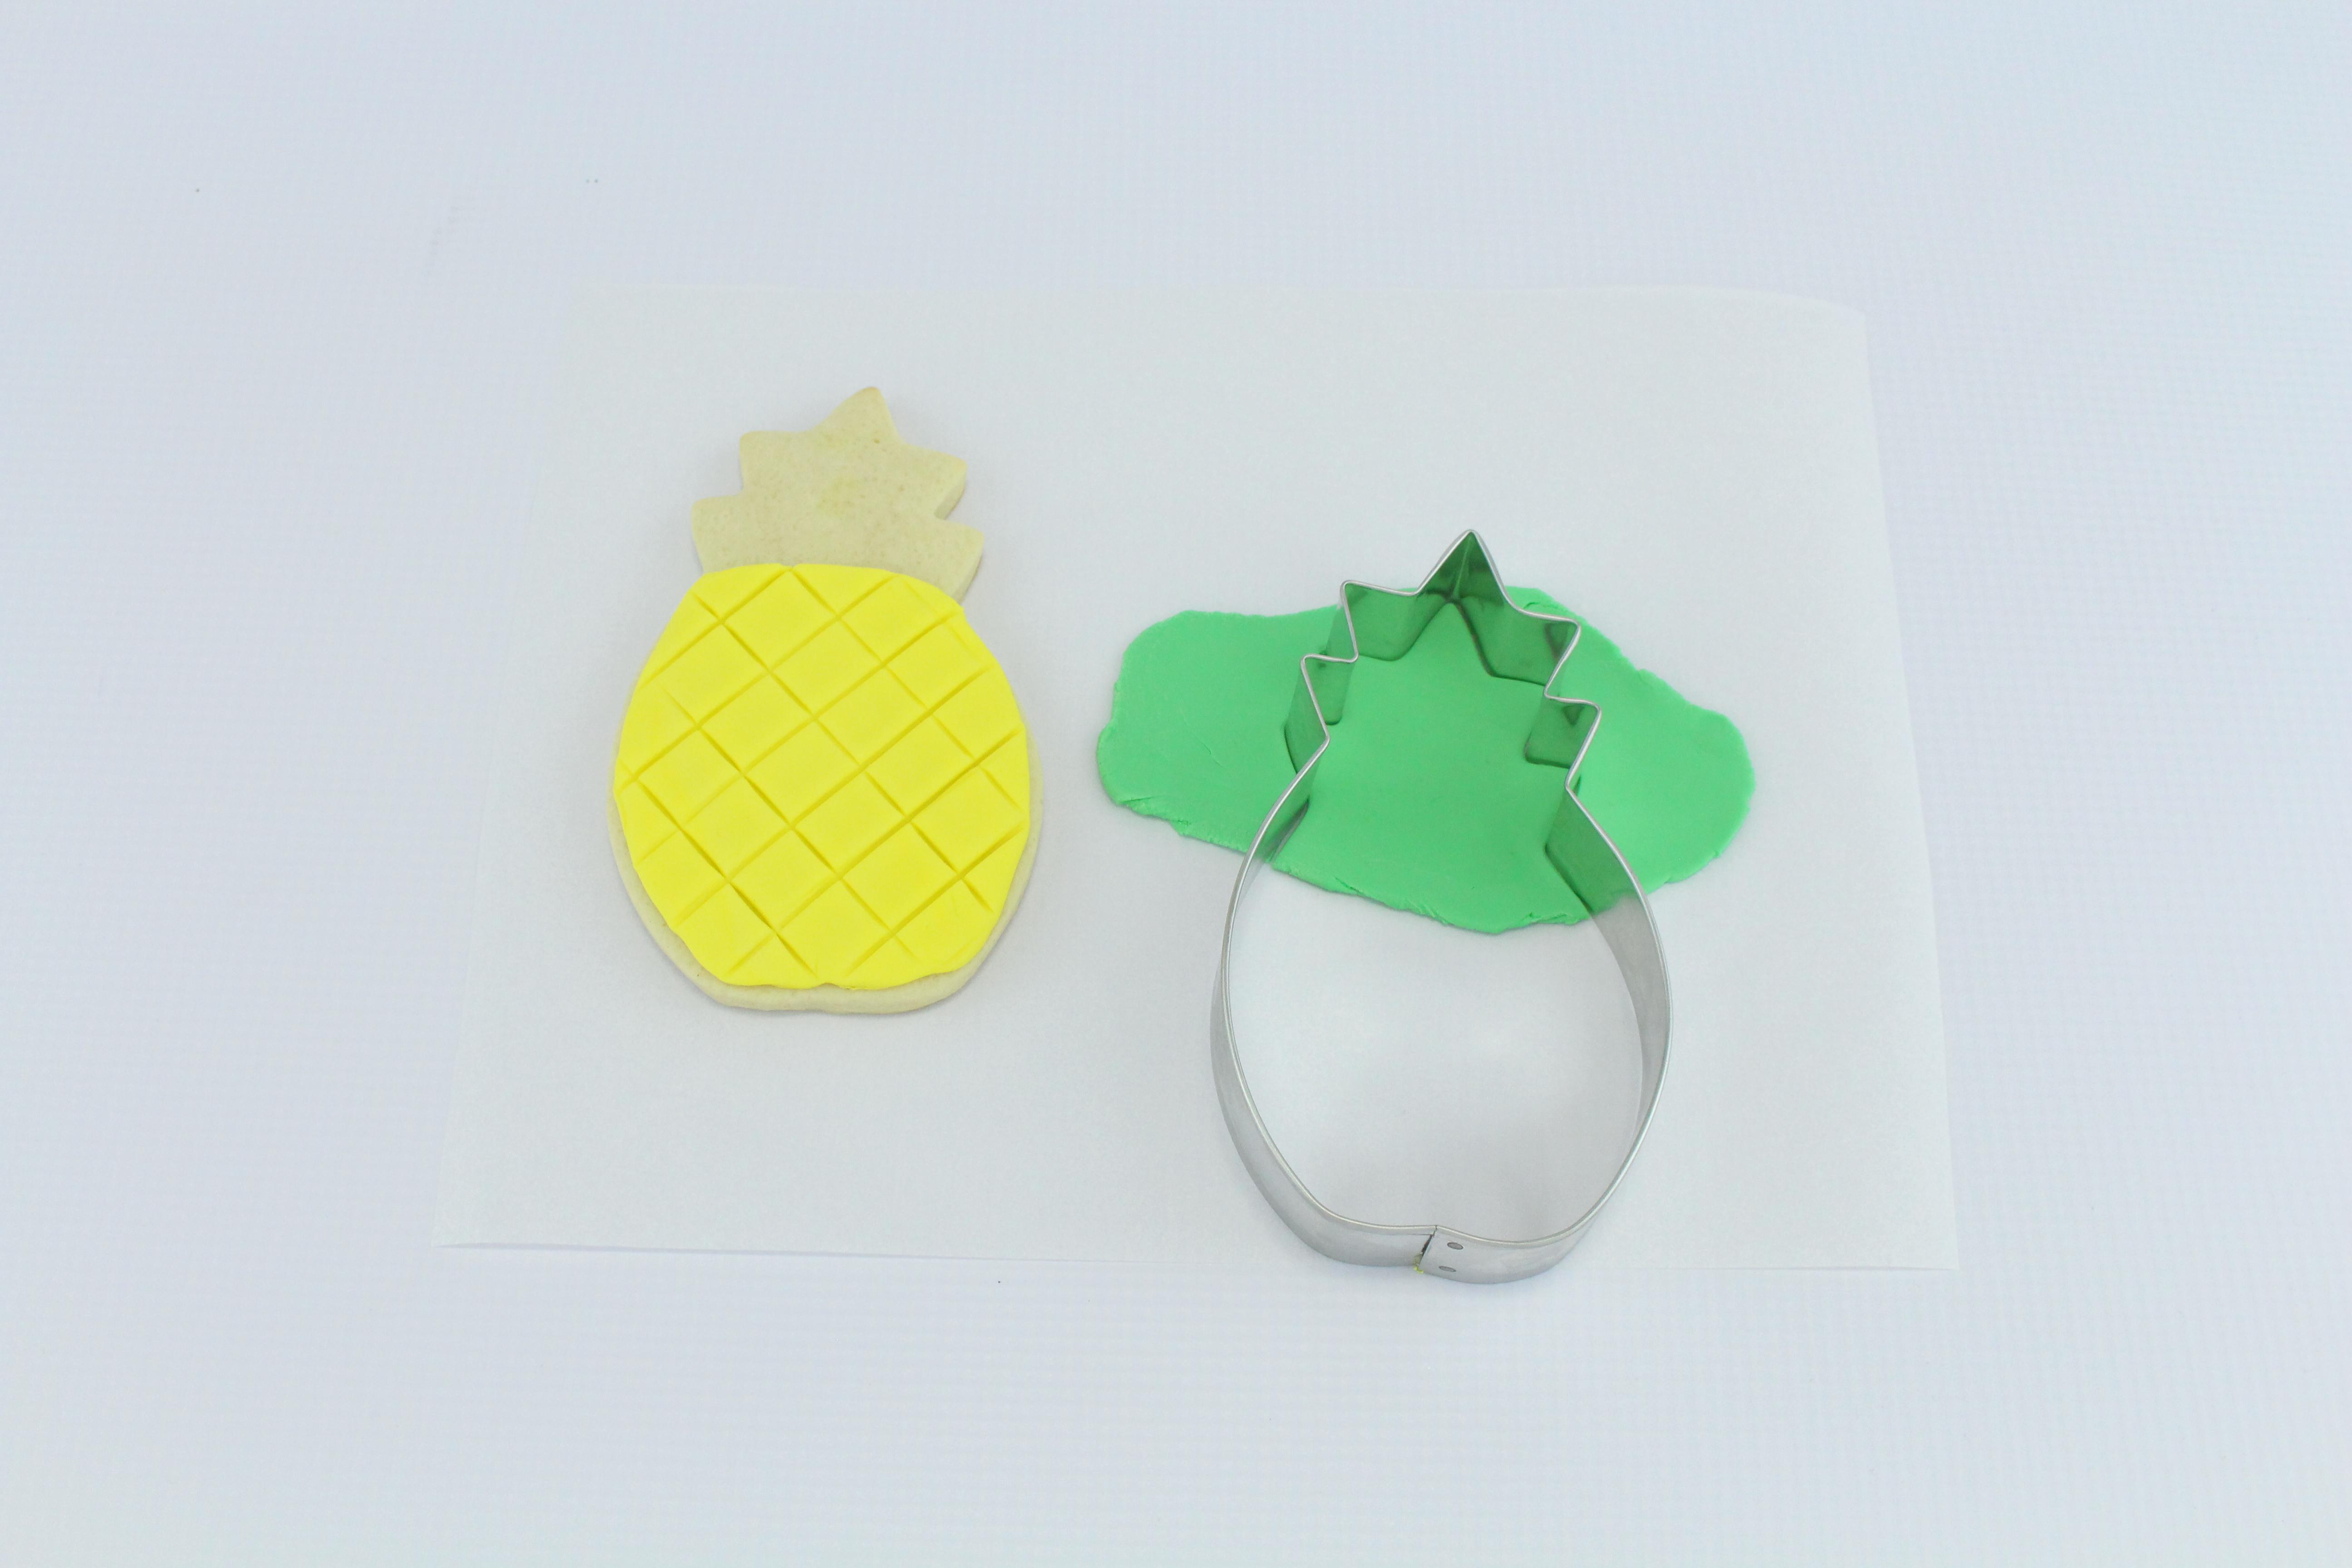 Pineapple7.jpg#asset:19703